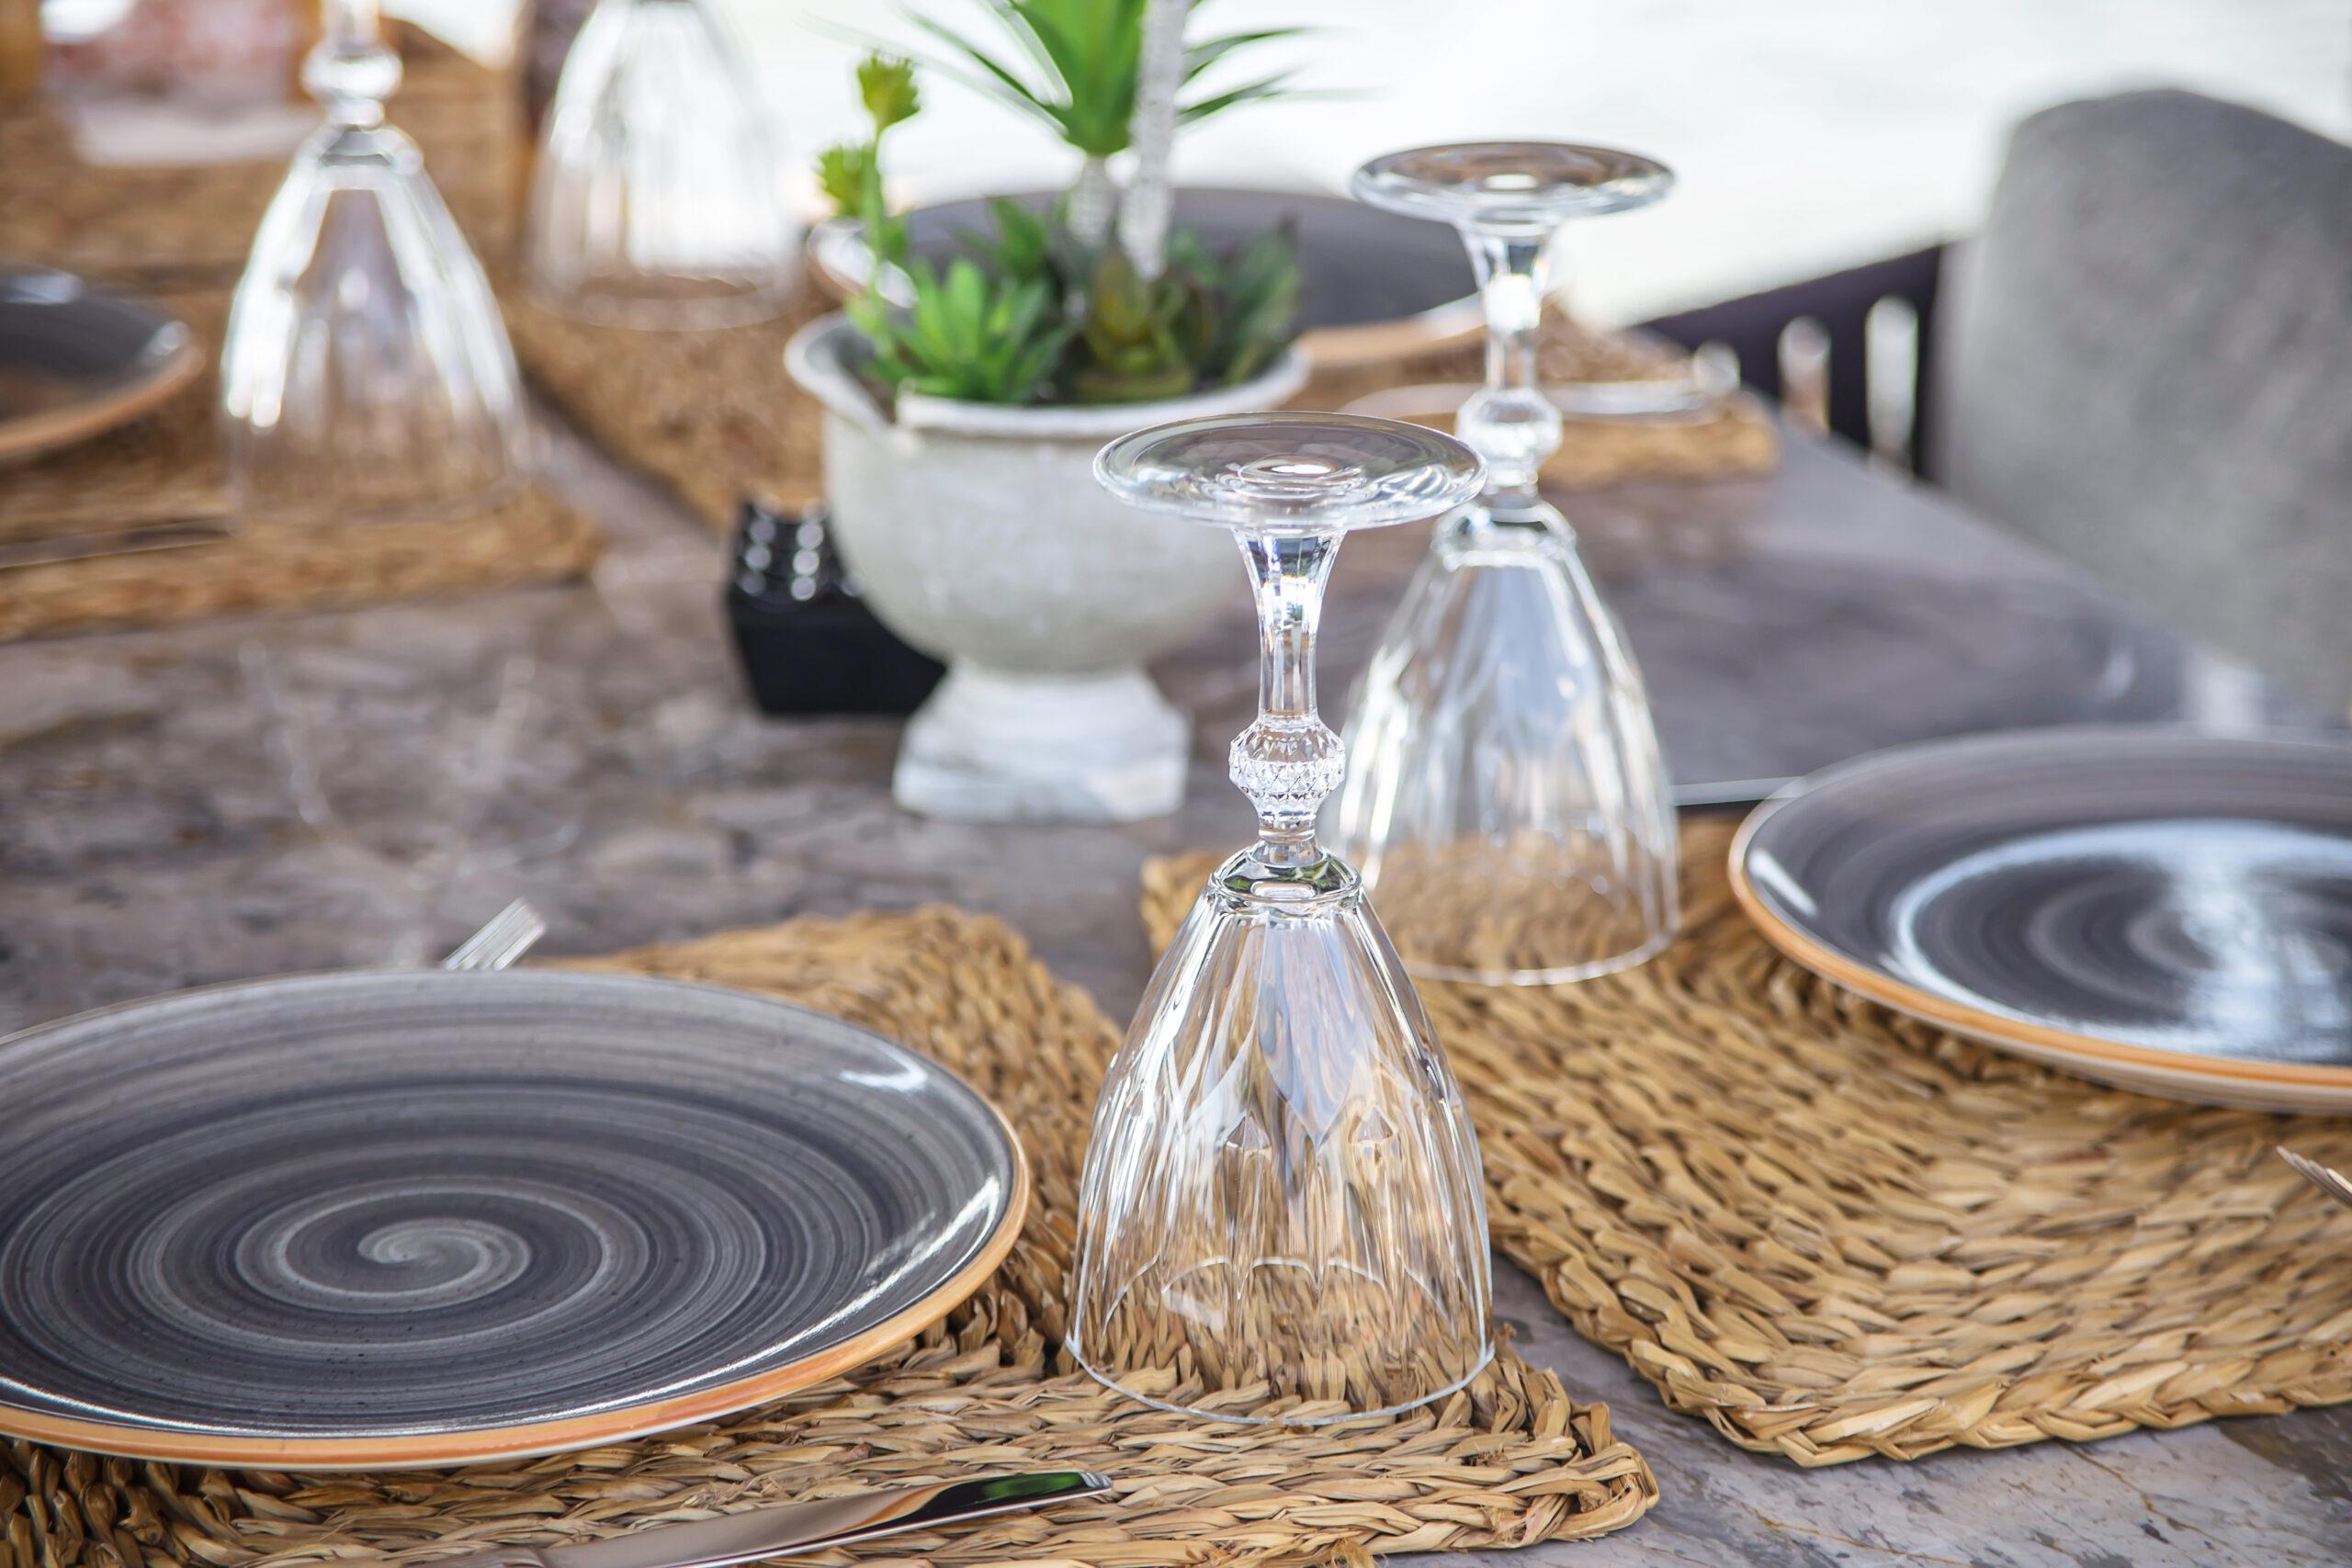 Bedürfnis: Auf einem grauen Holztisch liegen Platzsetz aus Bast. Darauf stehen graue Teller mit Besteck und Gläsern